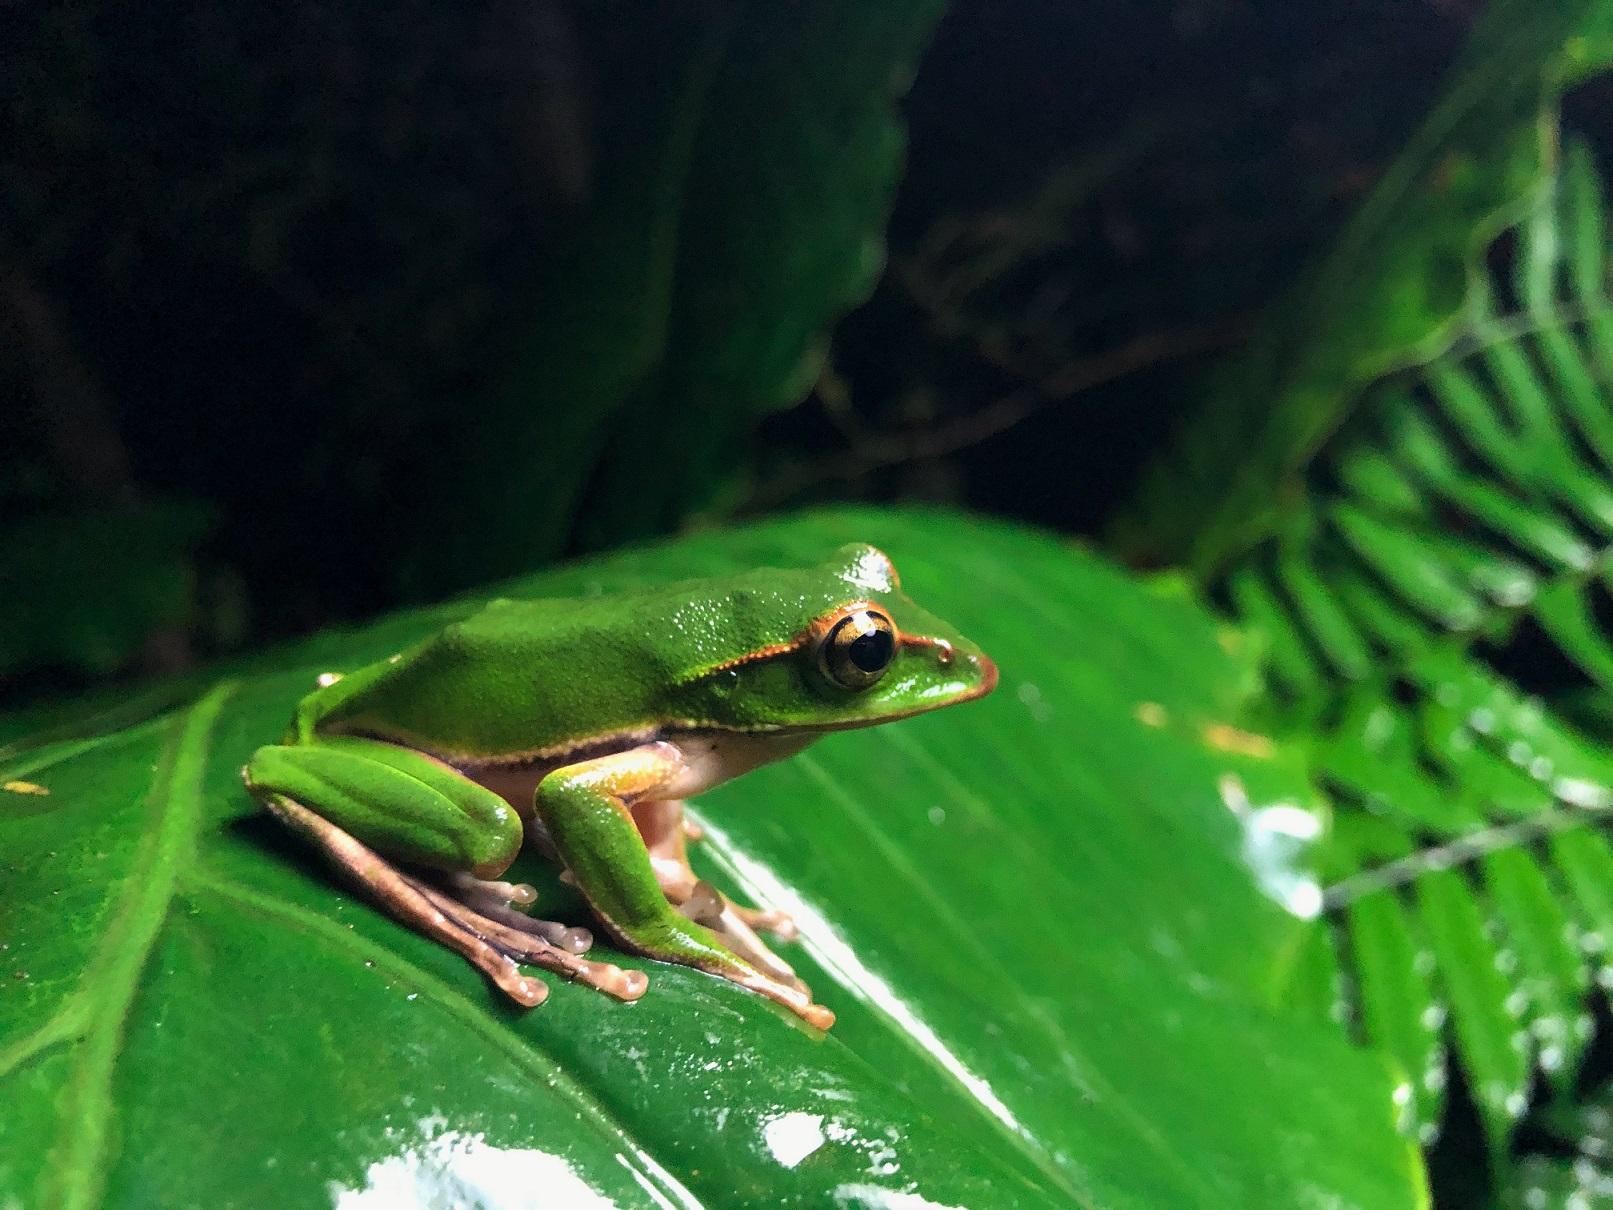 生態攝影師施信鋒教你用iPhone X拍出台灣動植物的感動